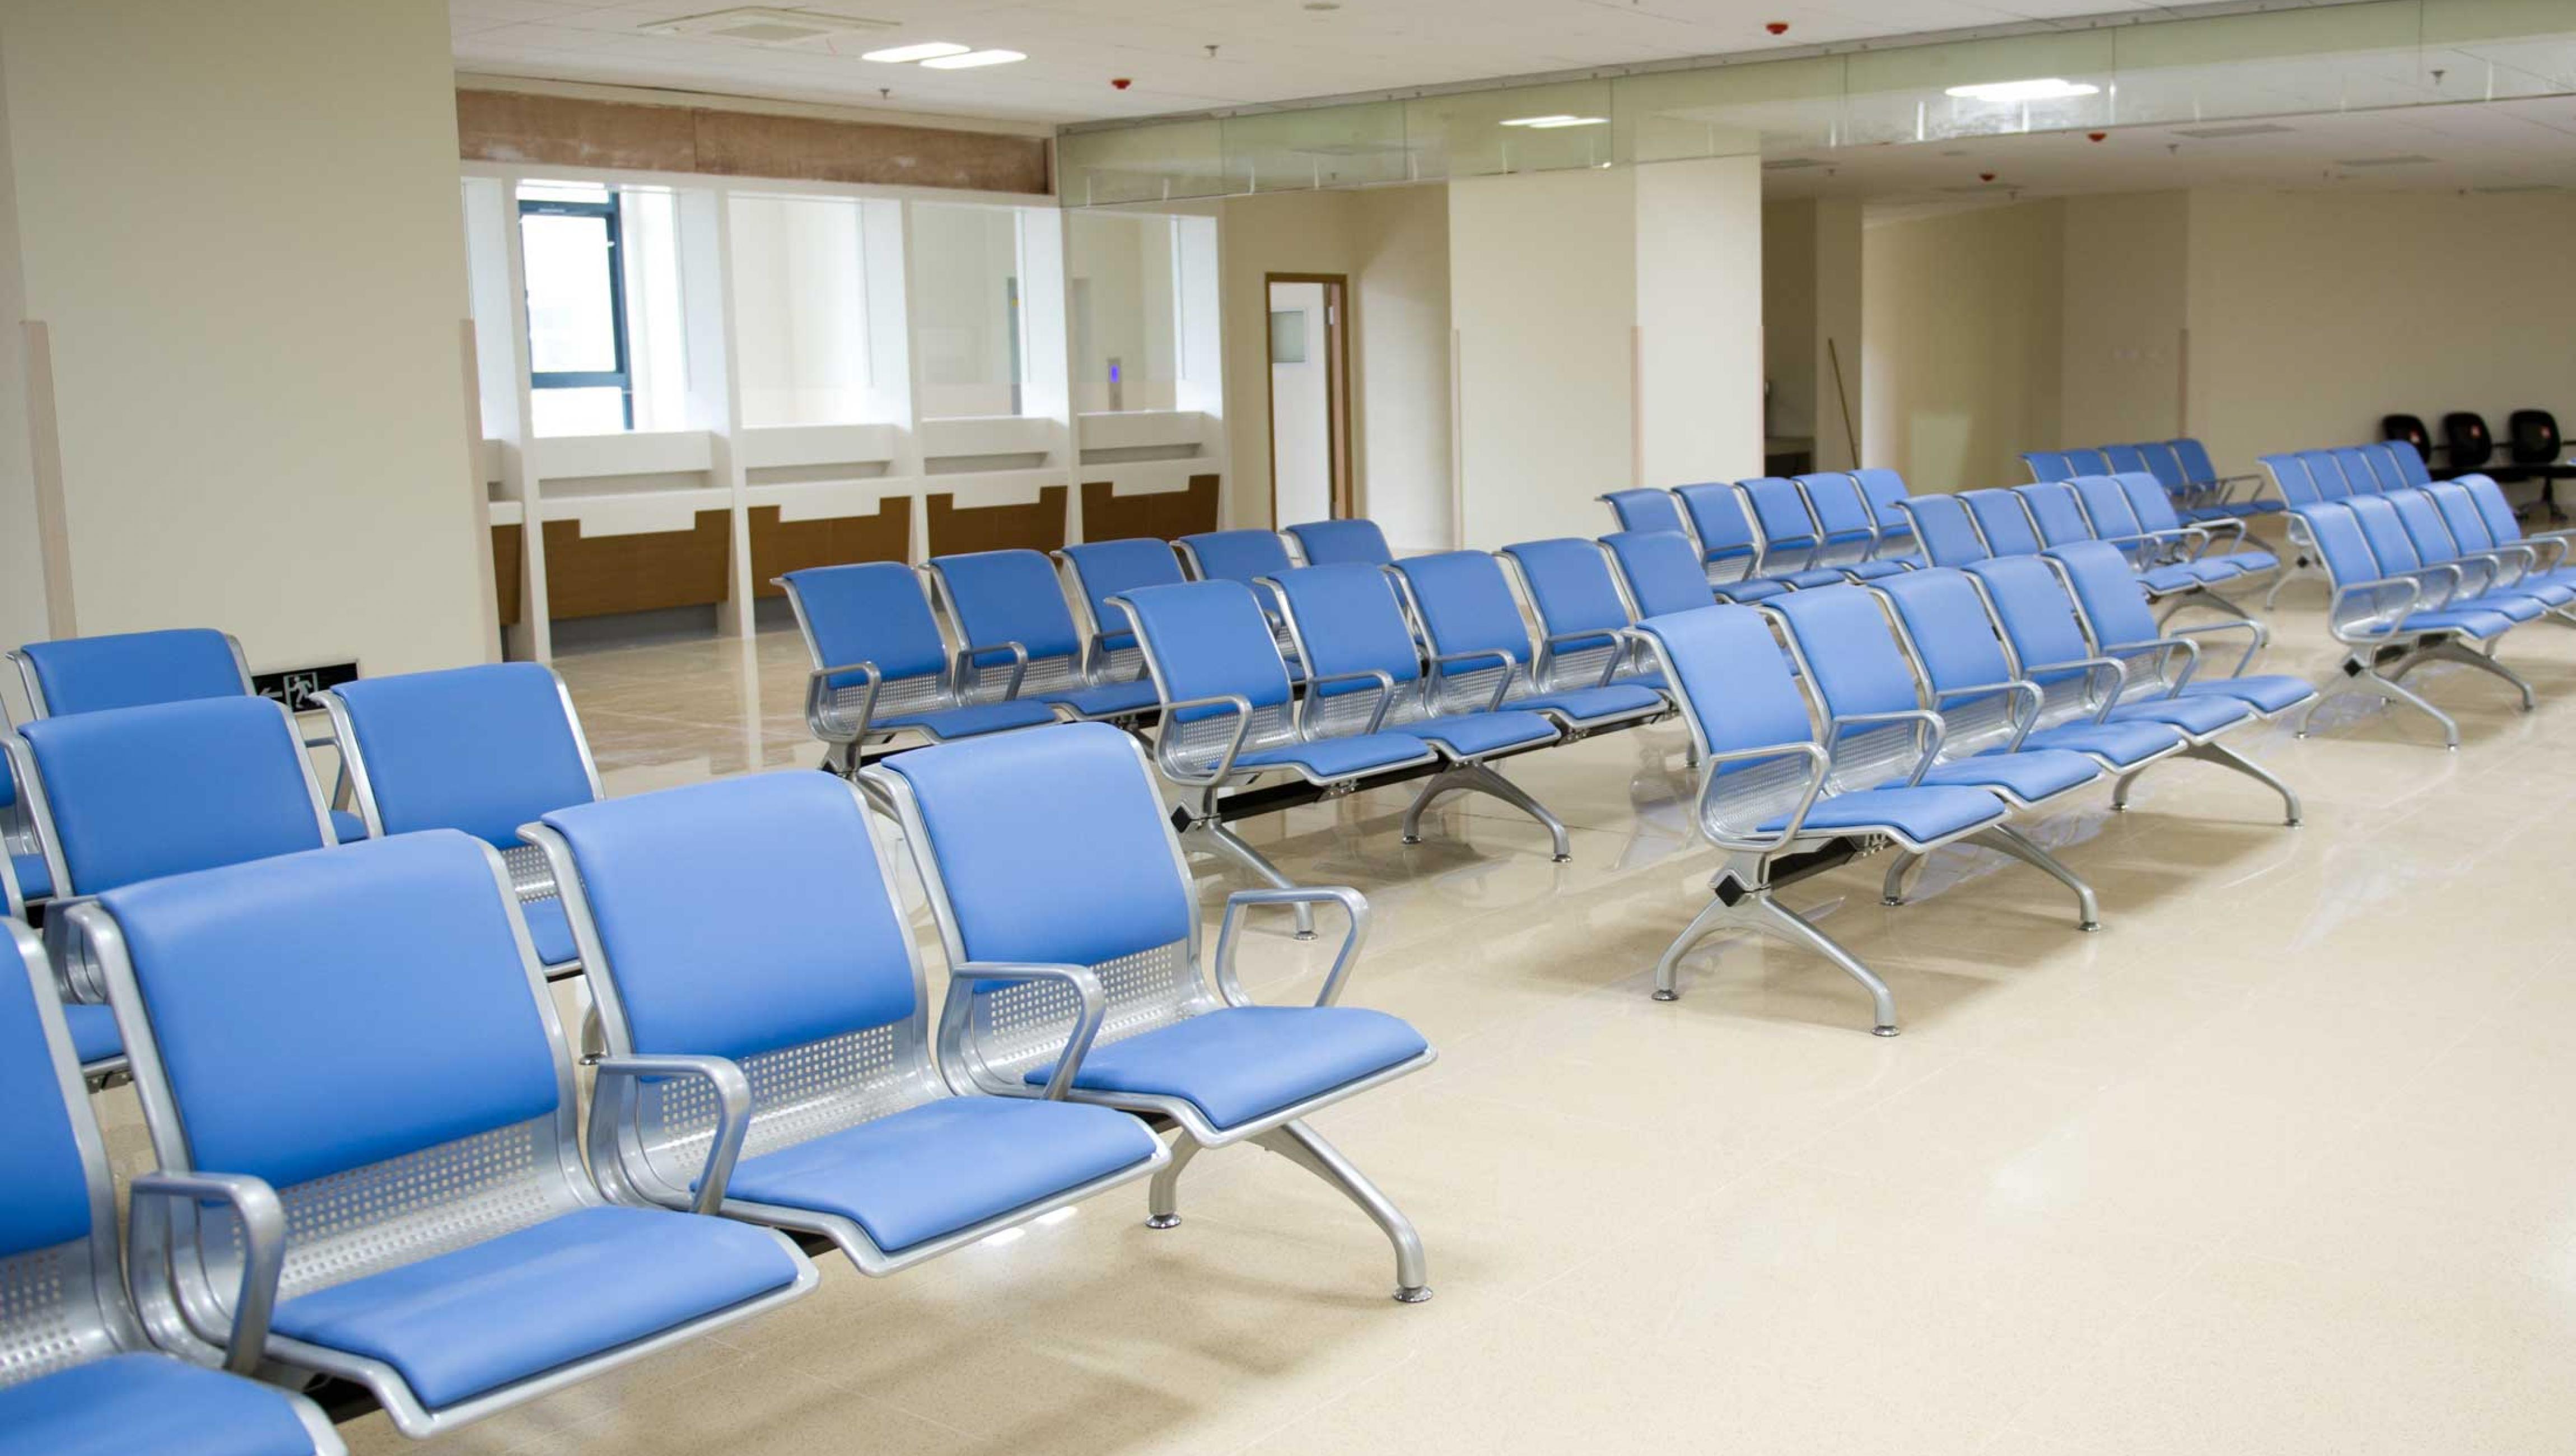 Rentabilité à tout prix ! Les soignants de l'hôpital de Tours au bord du gouffre ?